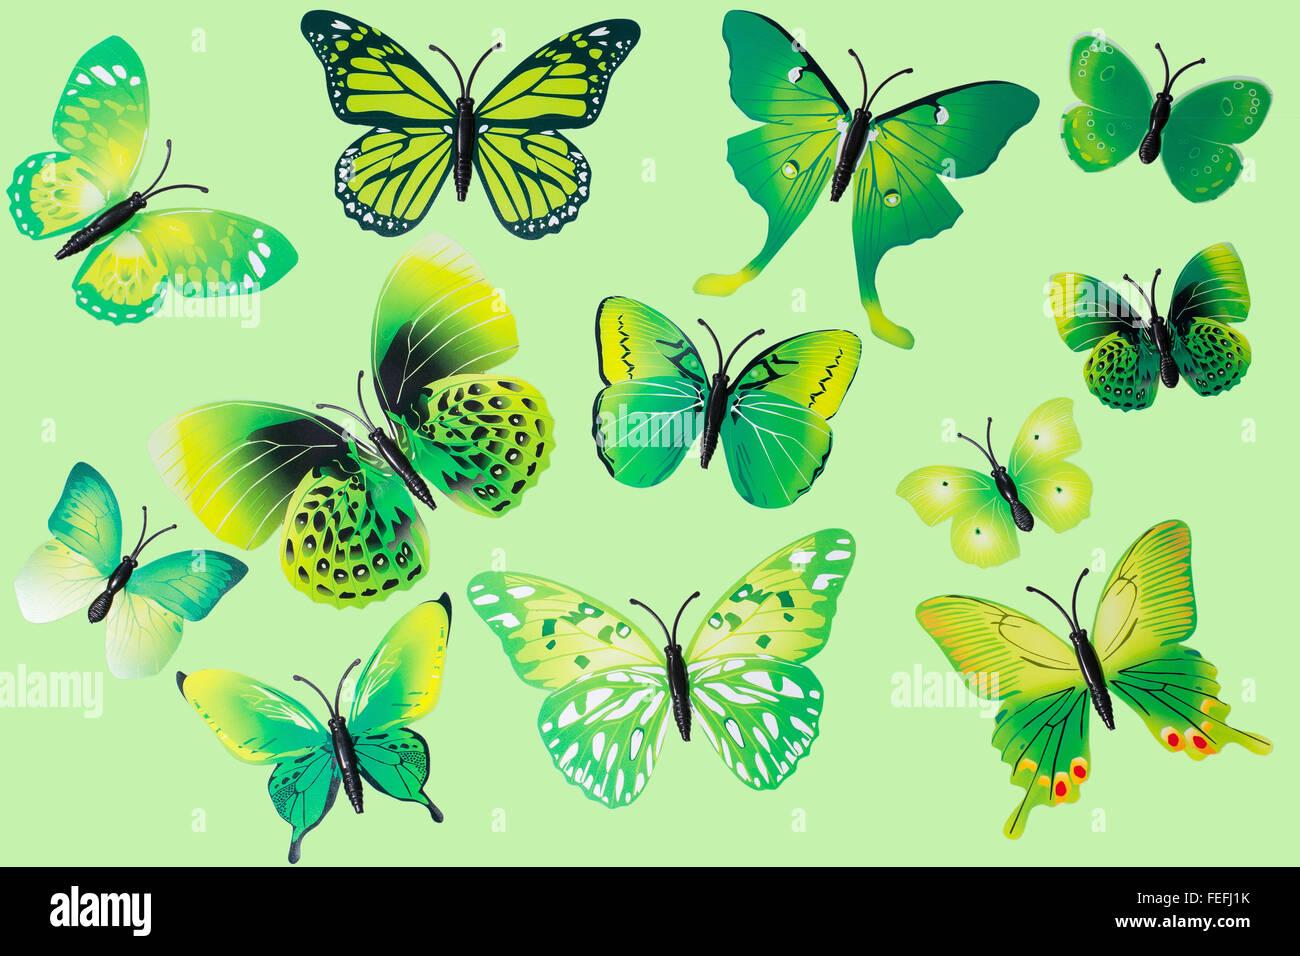 Colección de mariposas fantasía verde aislado de imágenes prediseñadas Imagen De Stock